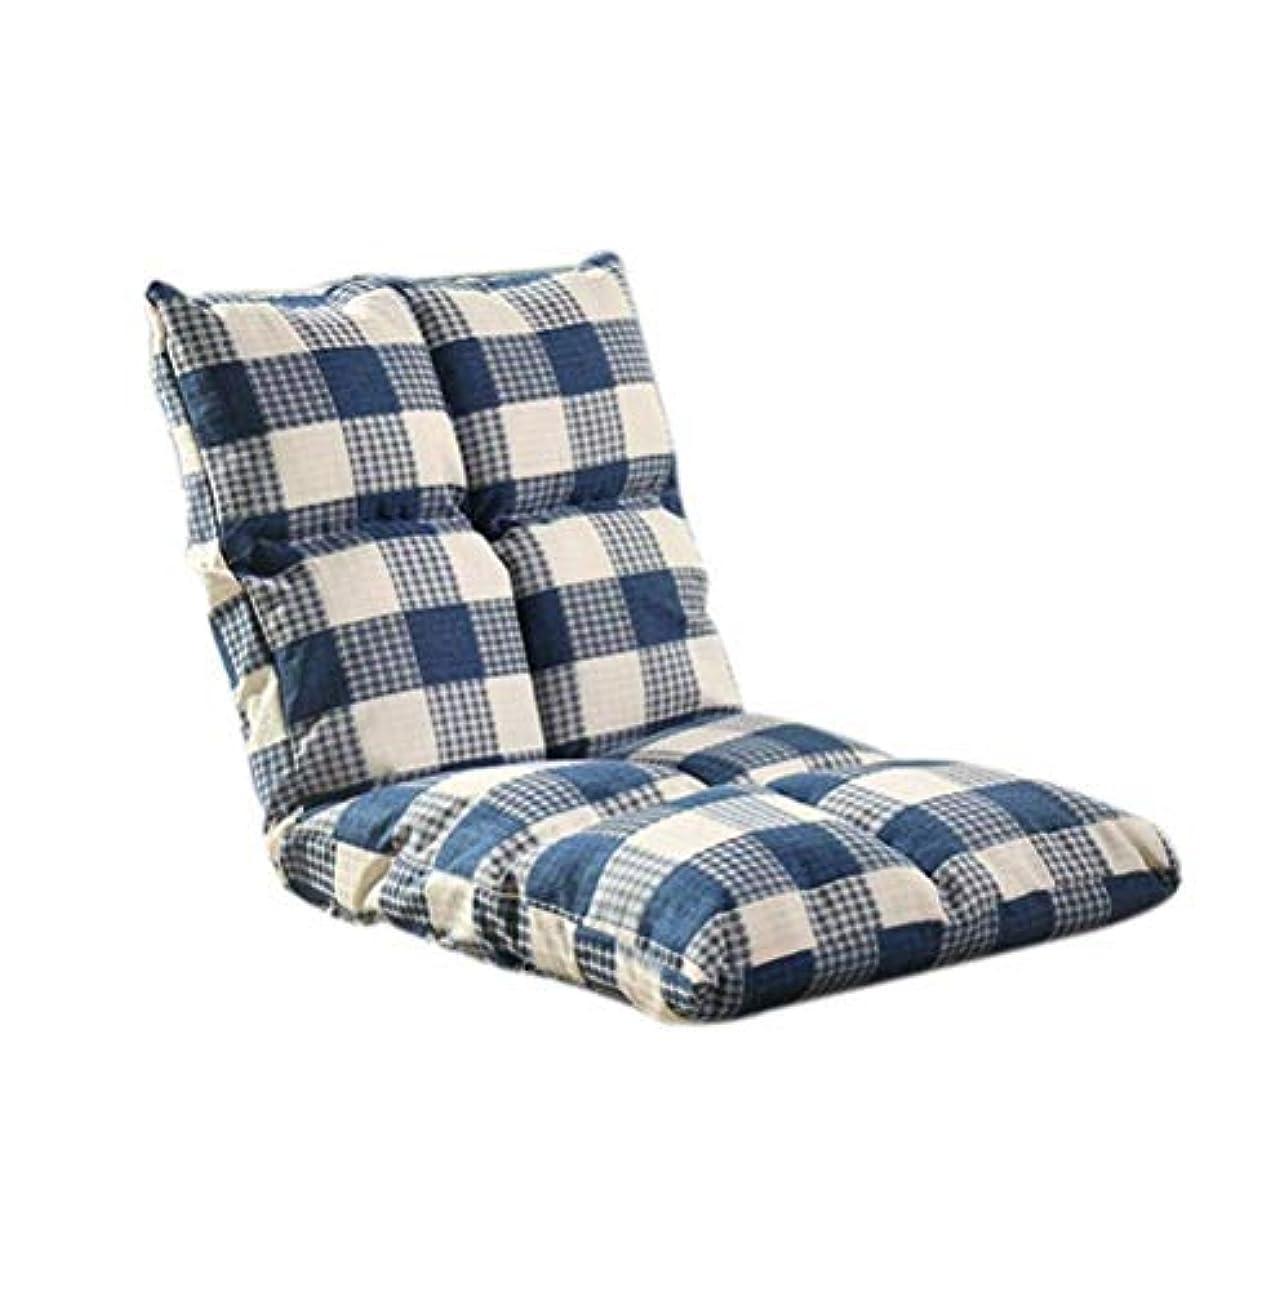 モルヒネ経営者文言瞑想椅子、折りたたみ椅子、調節可能な椅子、畳シングルチェア、背もたれ付きのベッドルームベイウィンドウ日本の椅子、怠zyなソファゲームチェア (Color : 濃紺)